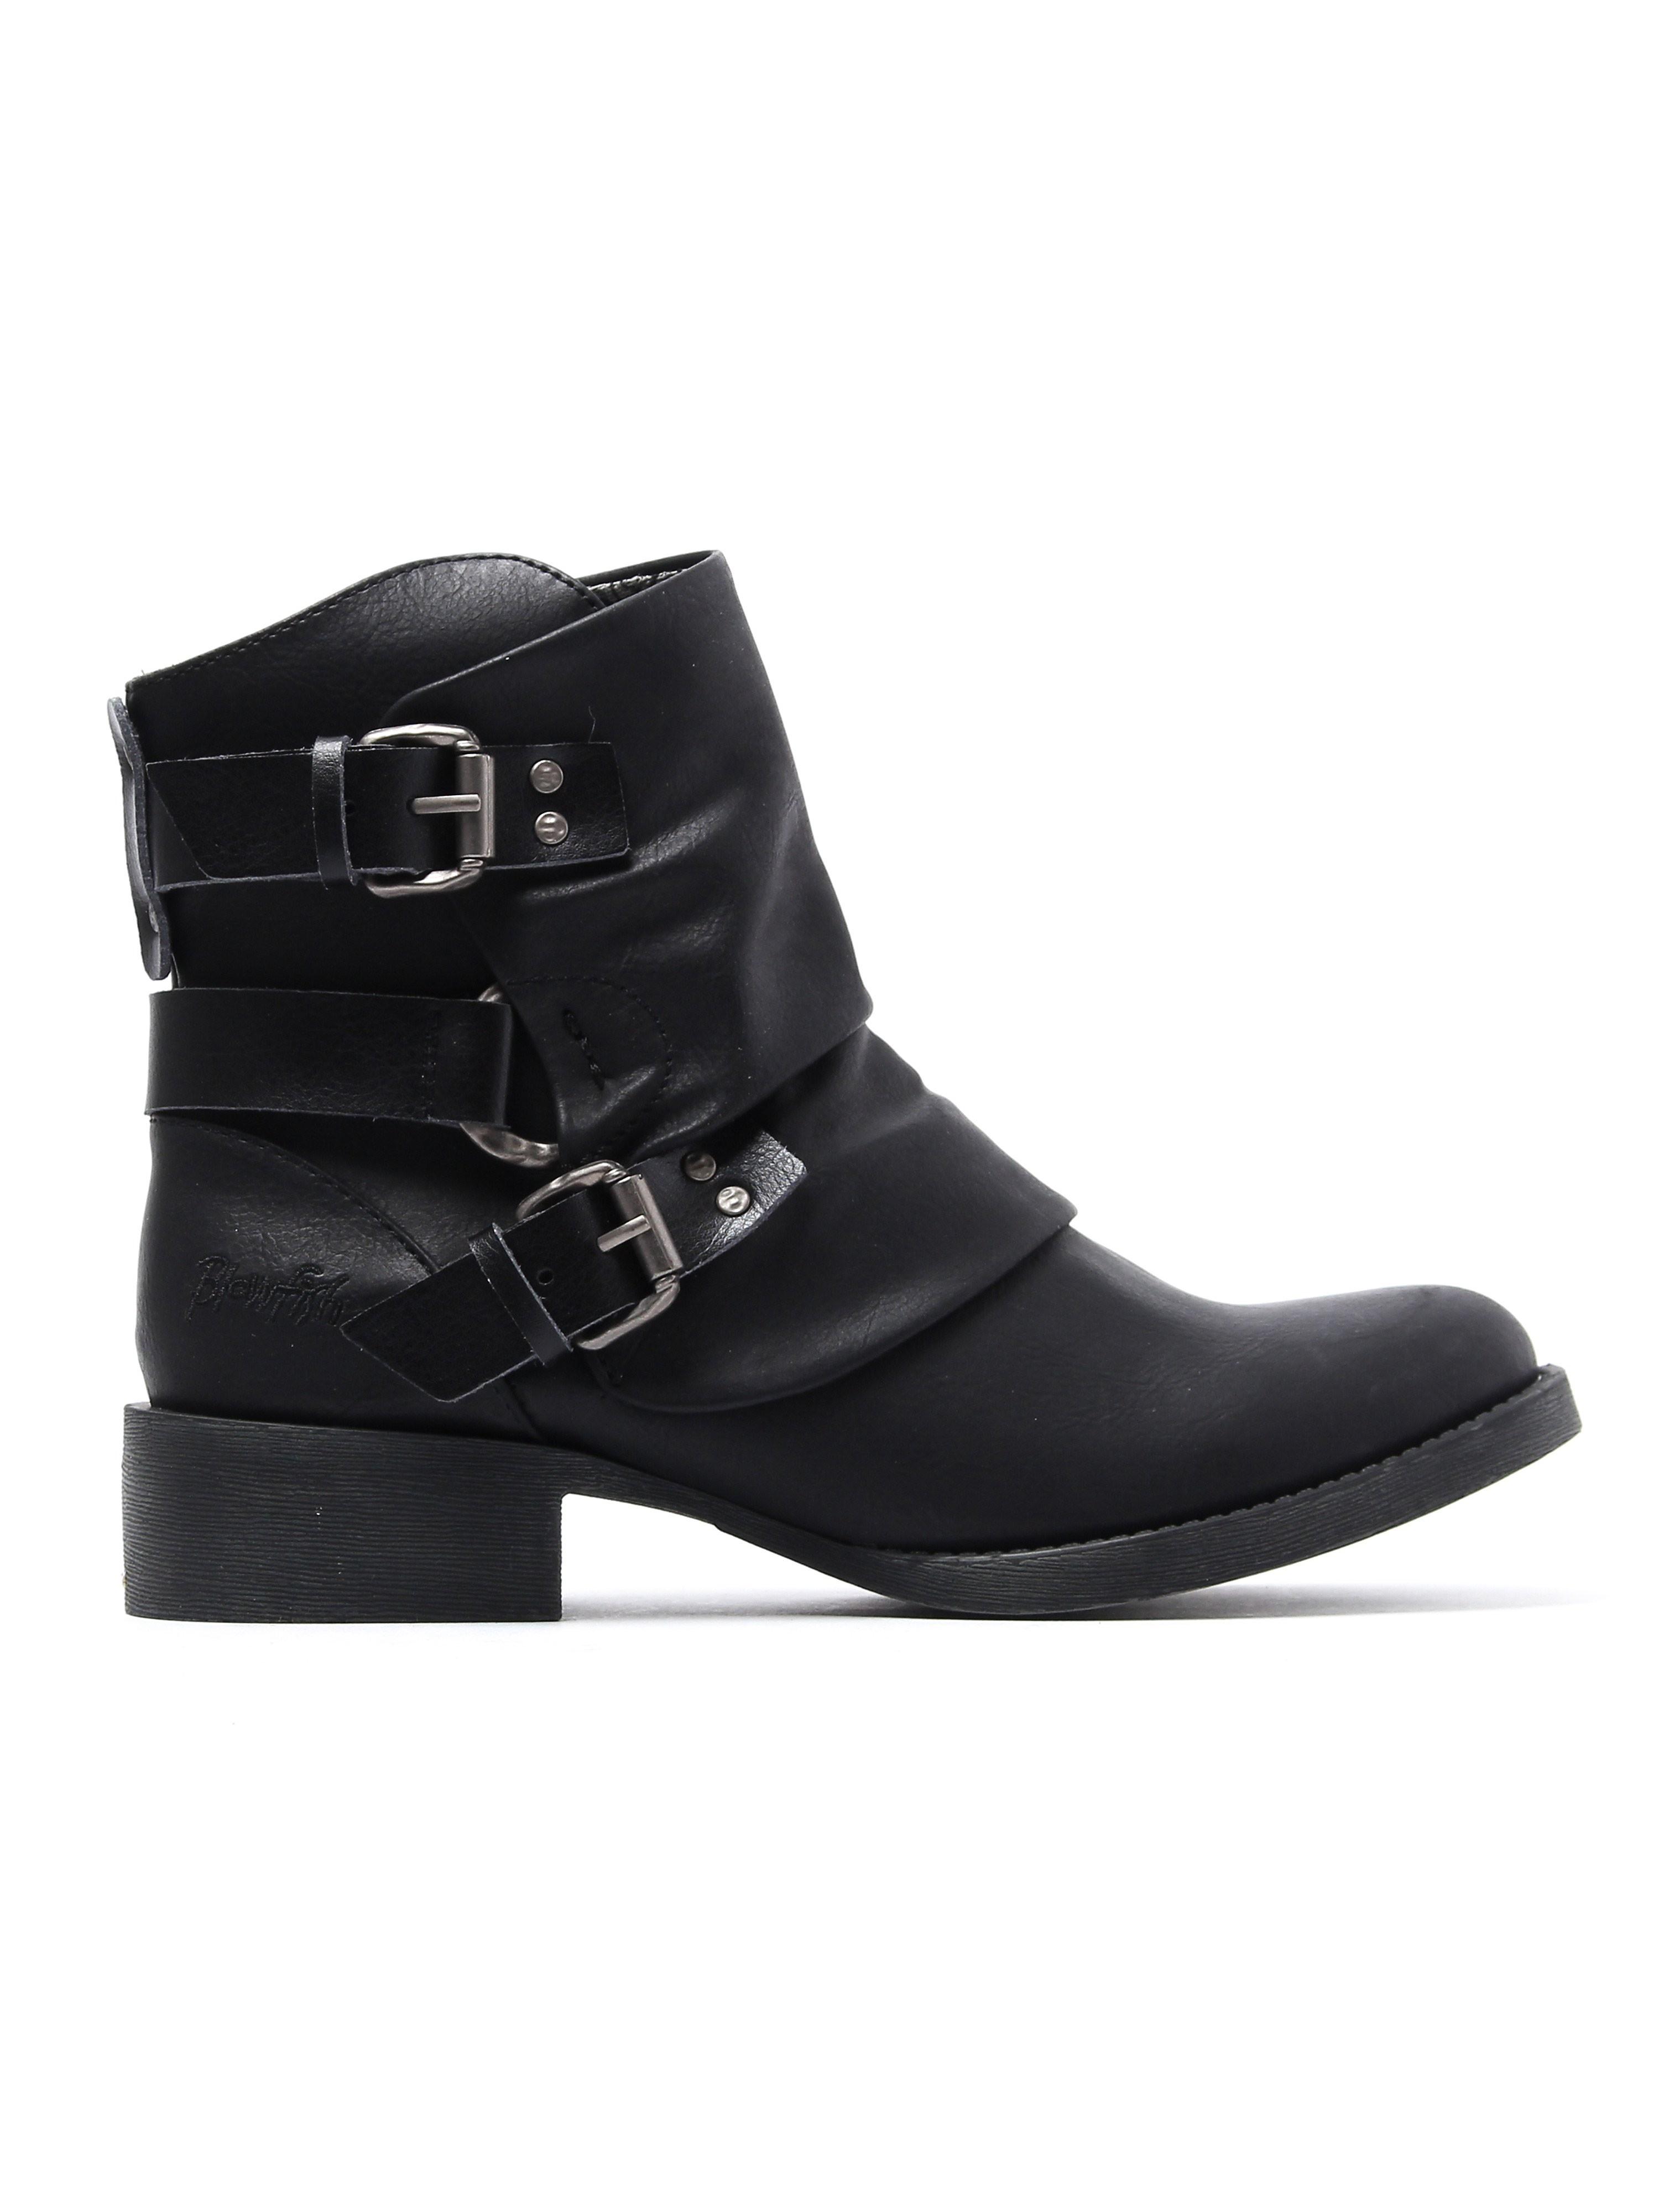 Blowfish Women's Korrekt Ankle Boots - Black Lonestar